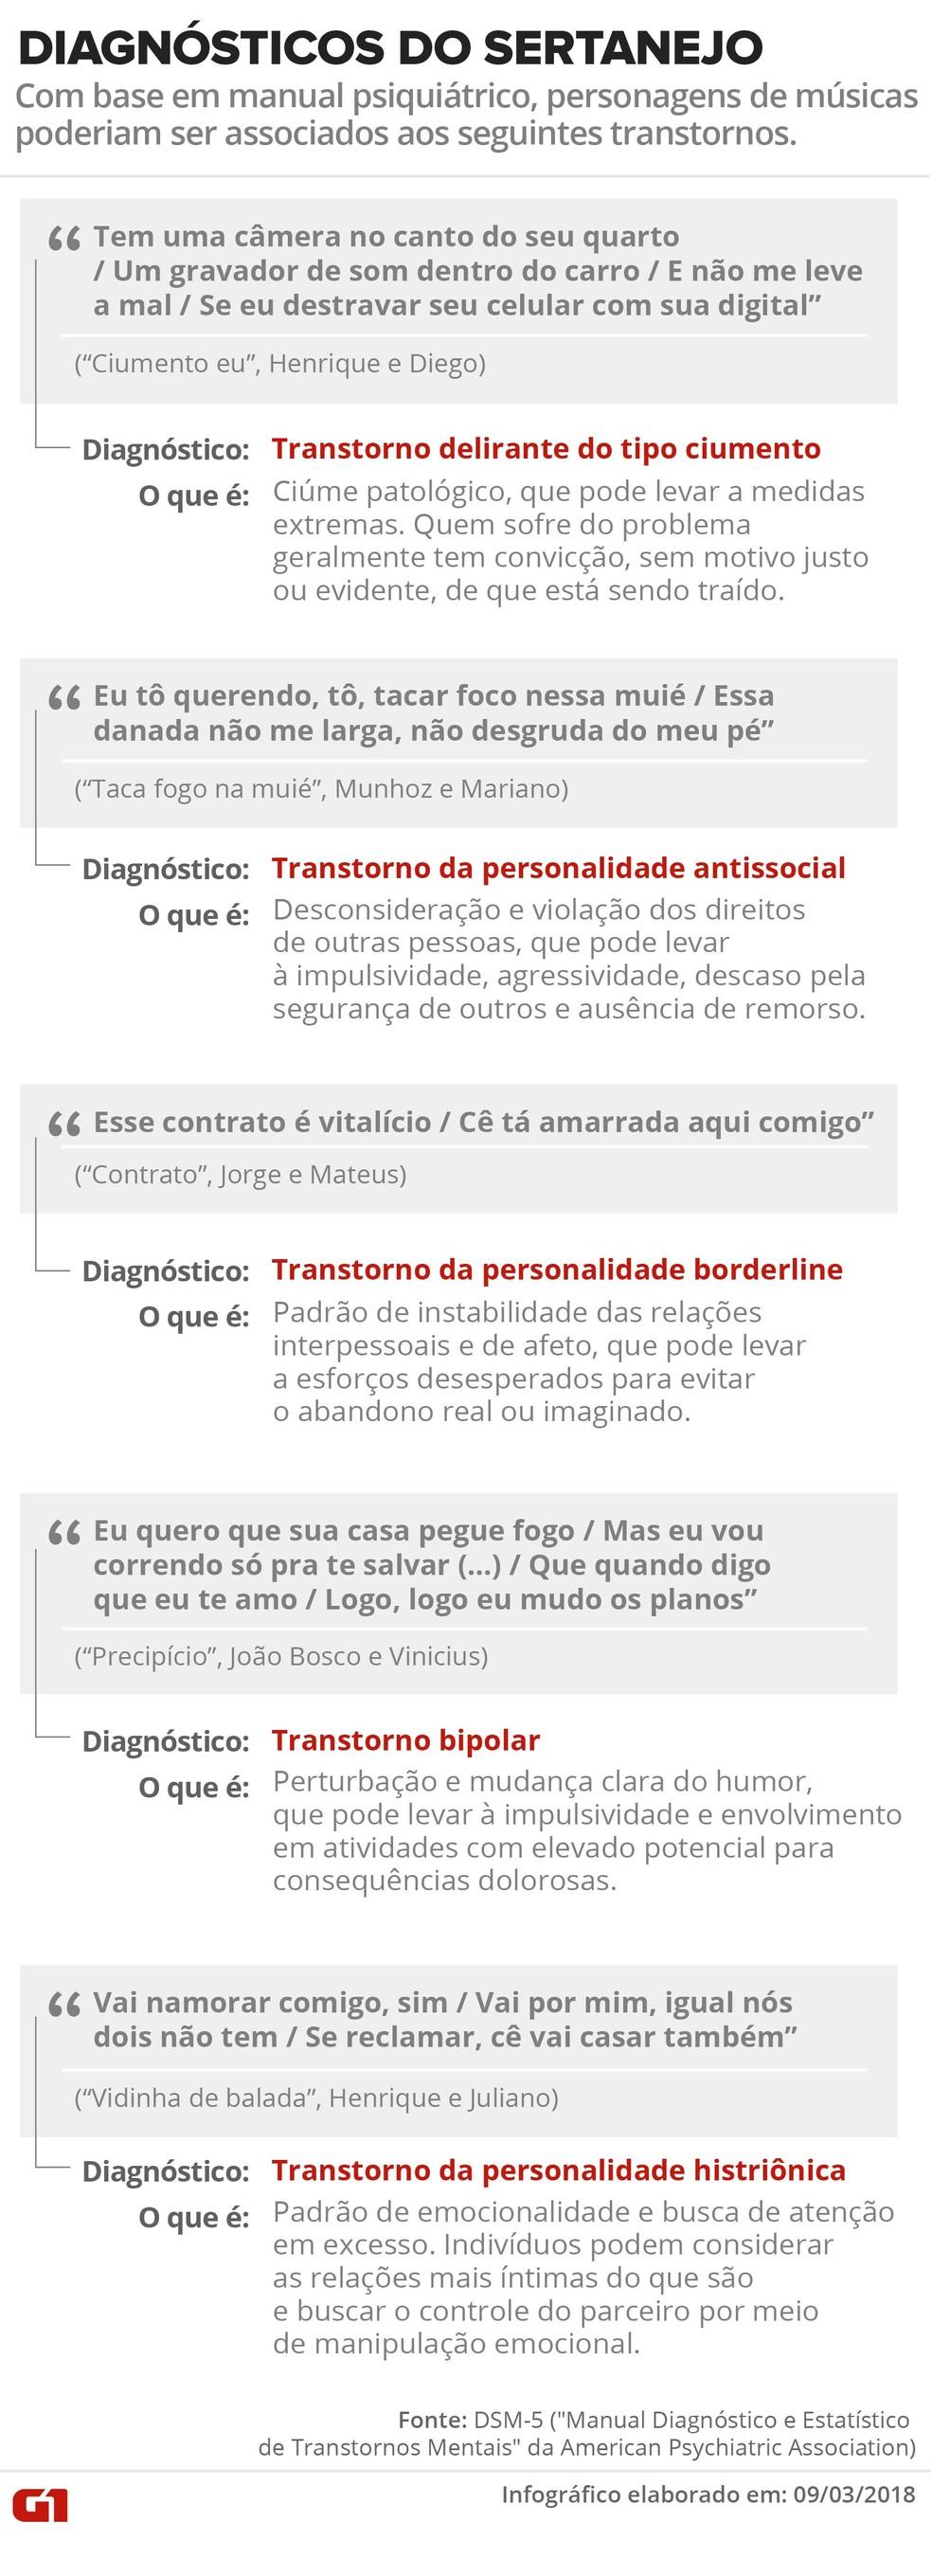 Infográfico mostra a que transtornos poderiam estar associadas algumas letras de hits do sertanejo (Foto: Karina Almeida/Arte G1)